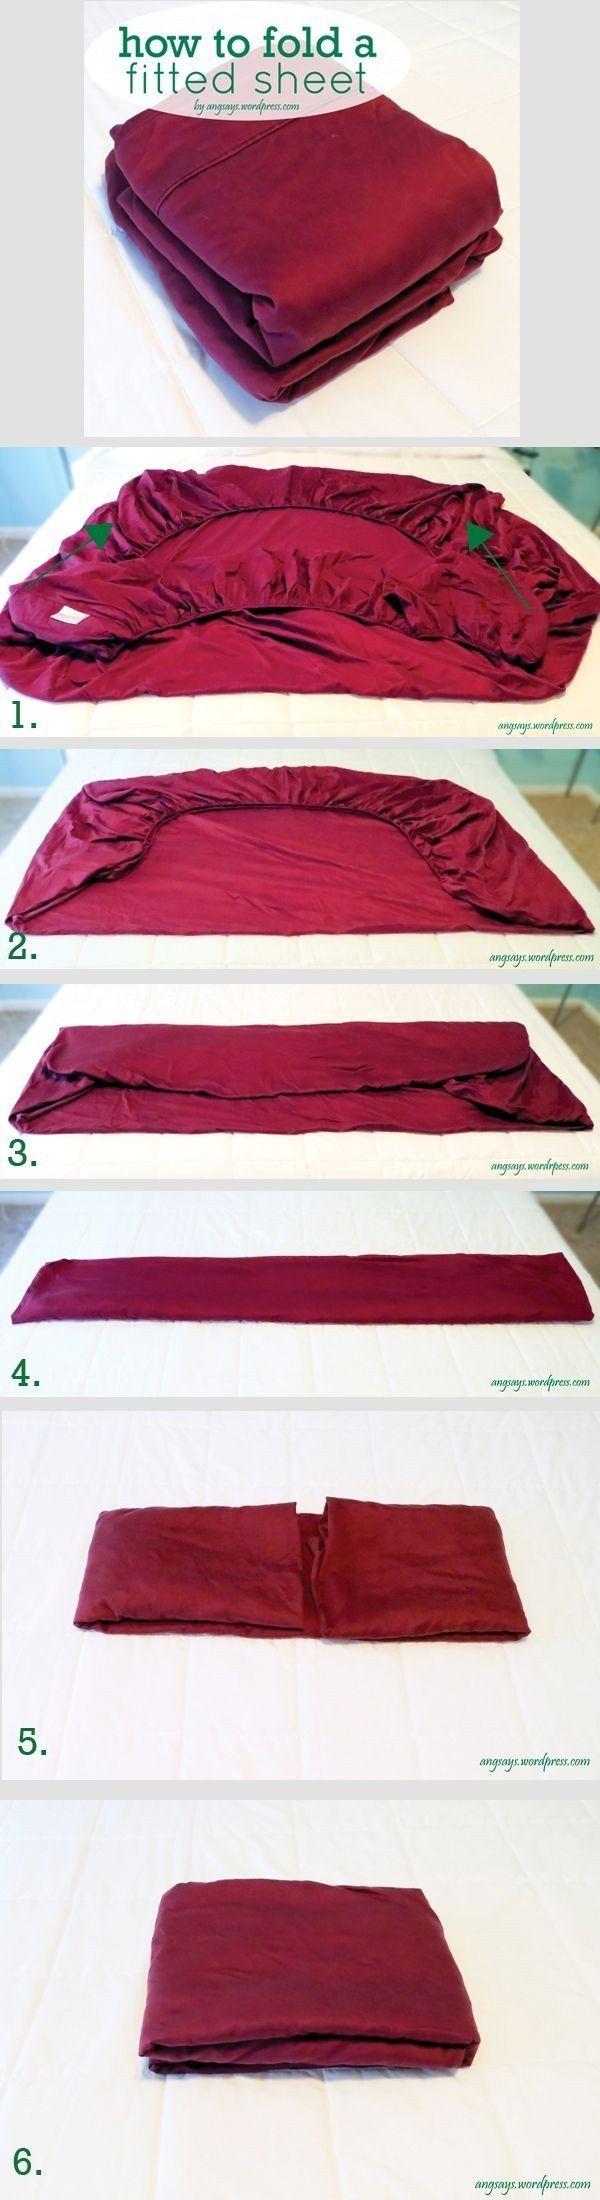 25 Tutorials to Teach You How to Fold Like a Pro - Neatorama